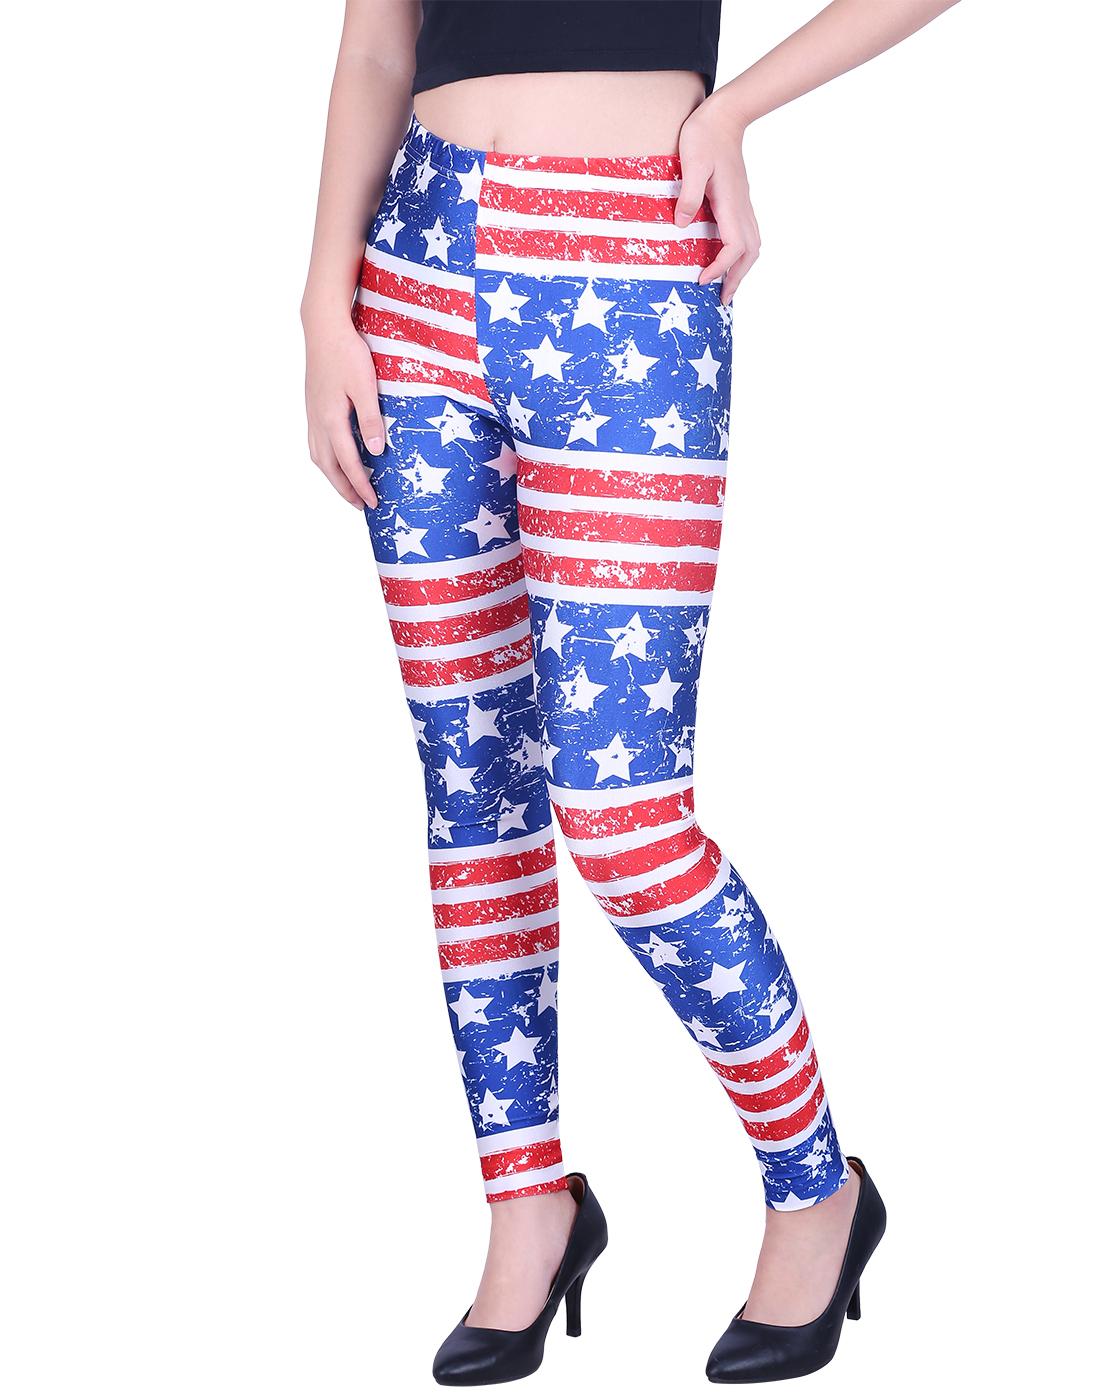 Women's Leggings Graphic Print Tights Fun Digital Design Holiday Elastic Pants